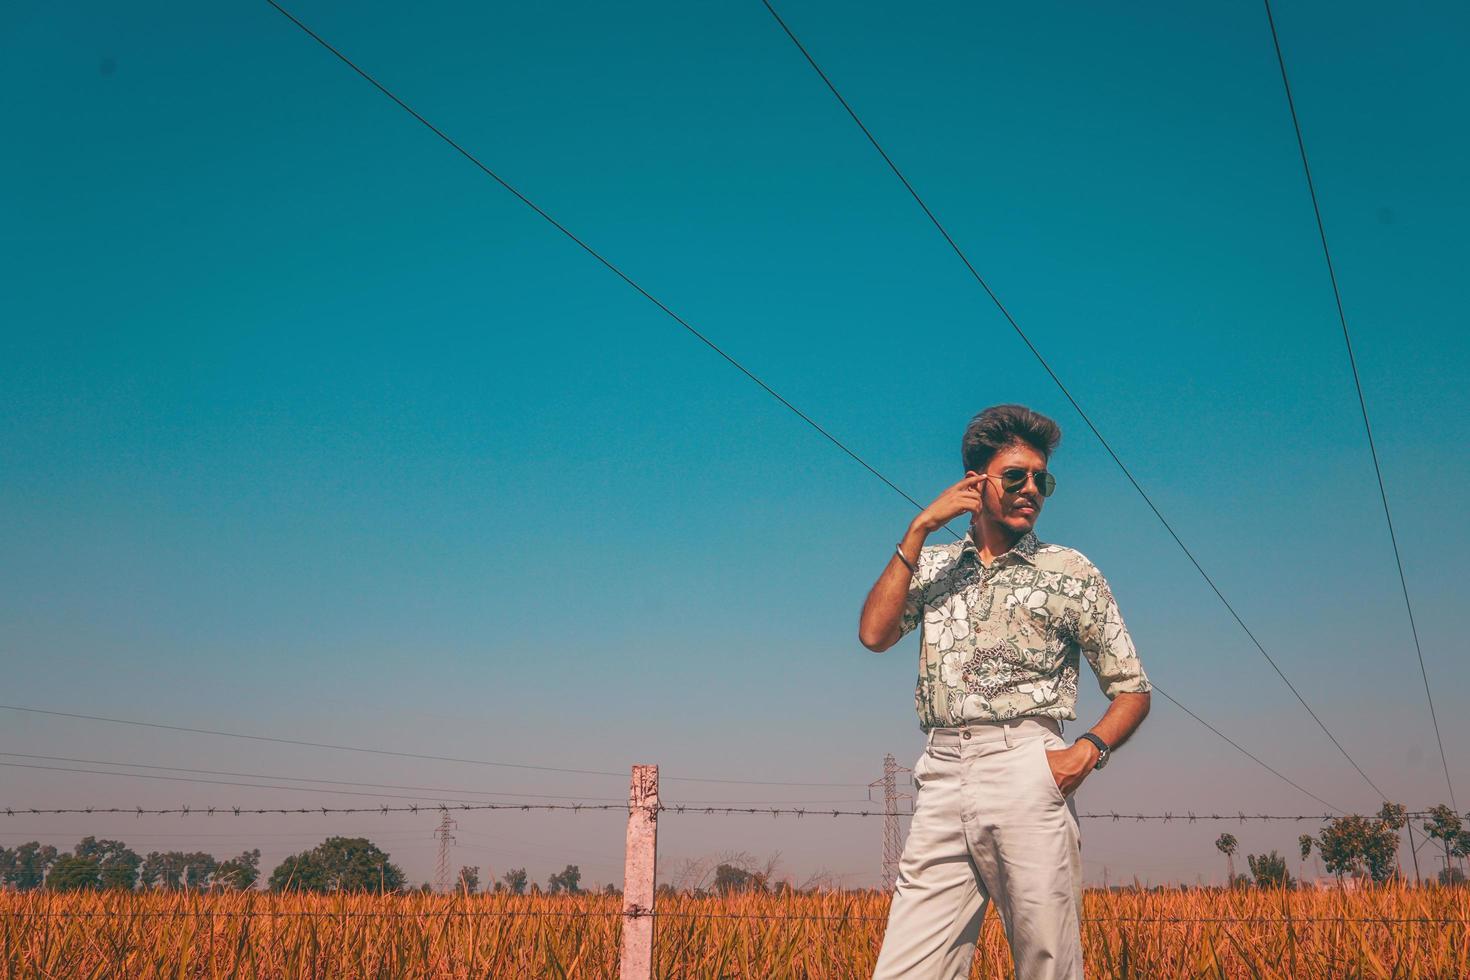 Mann in Sonnenbrille neben Zaun und Feld foto